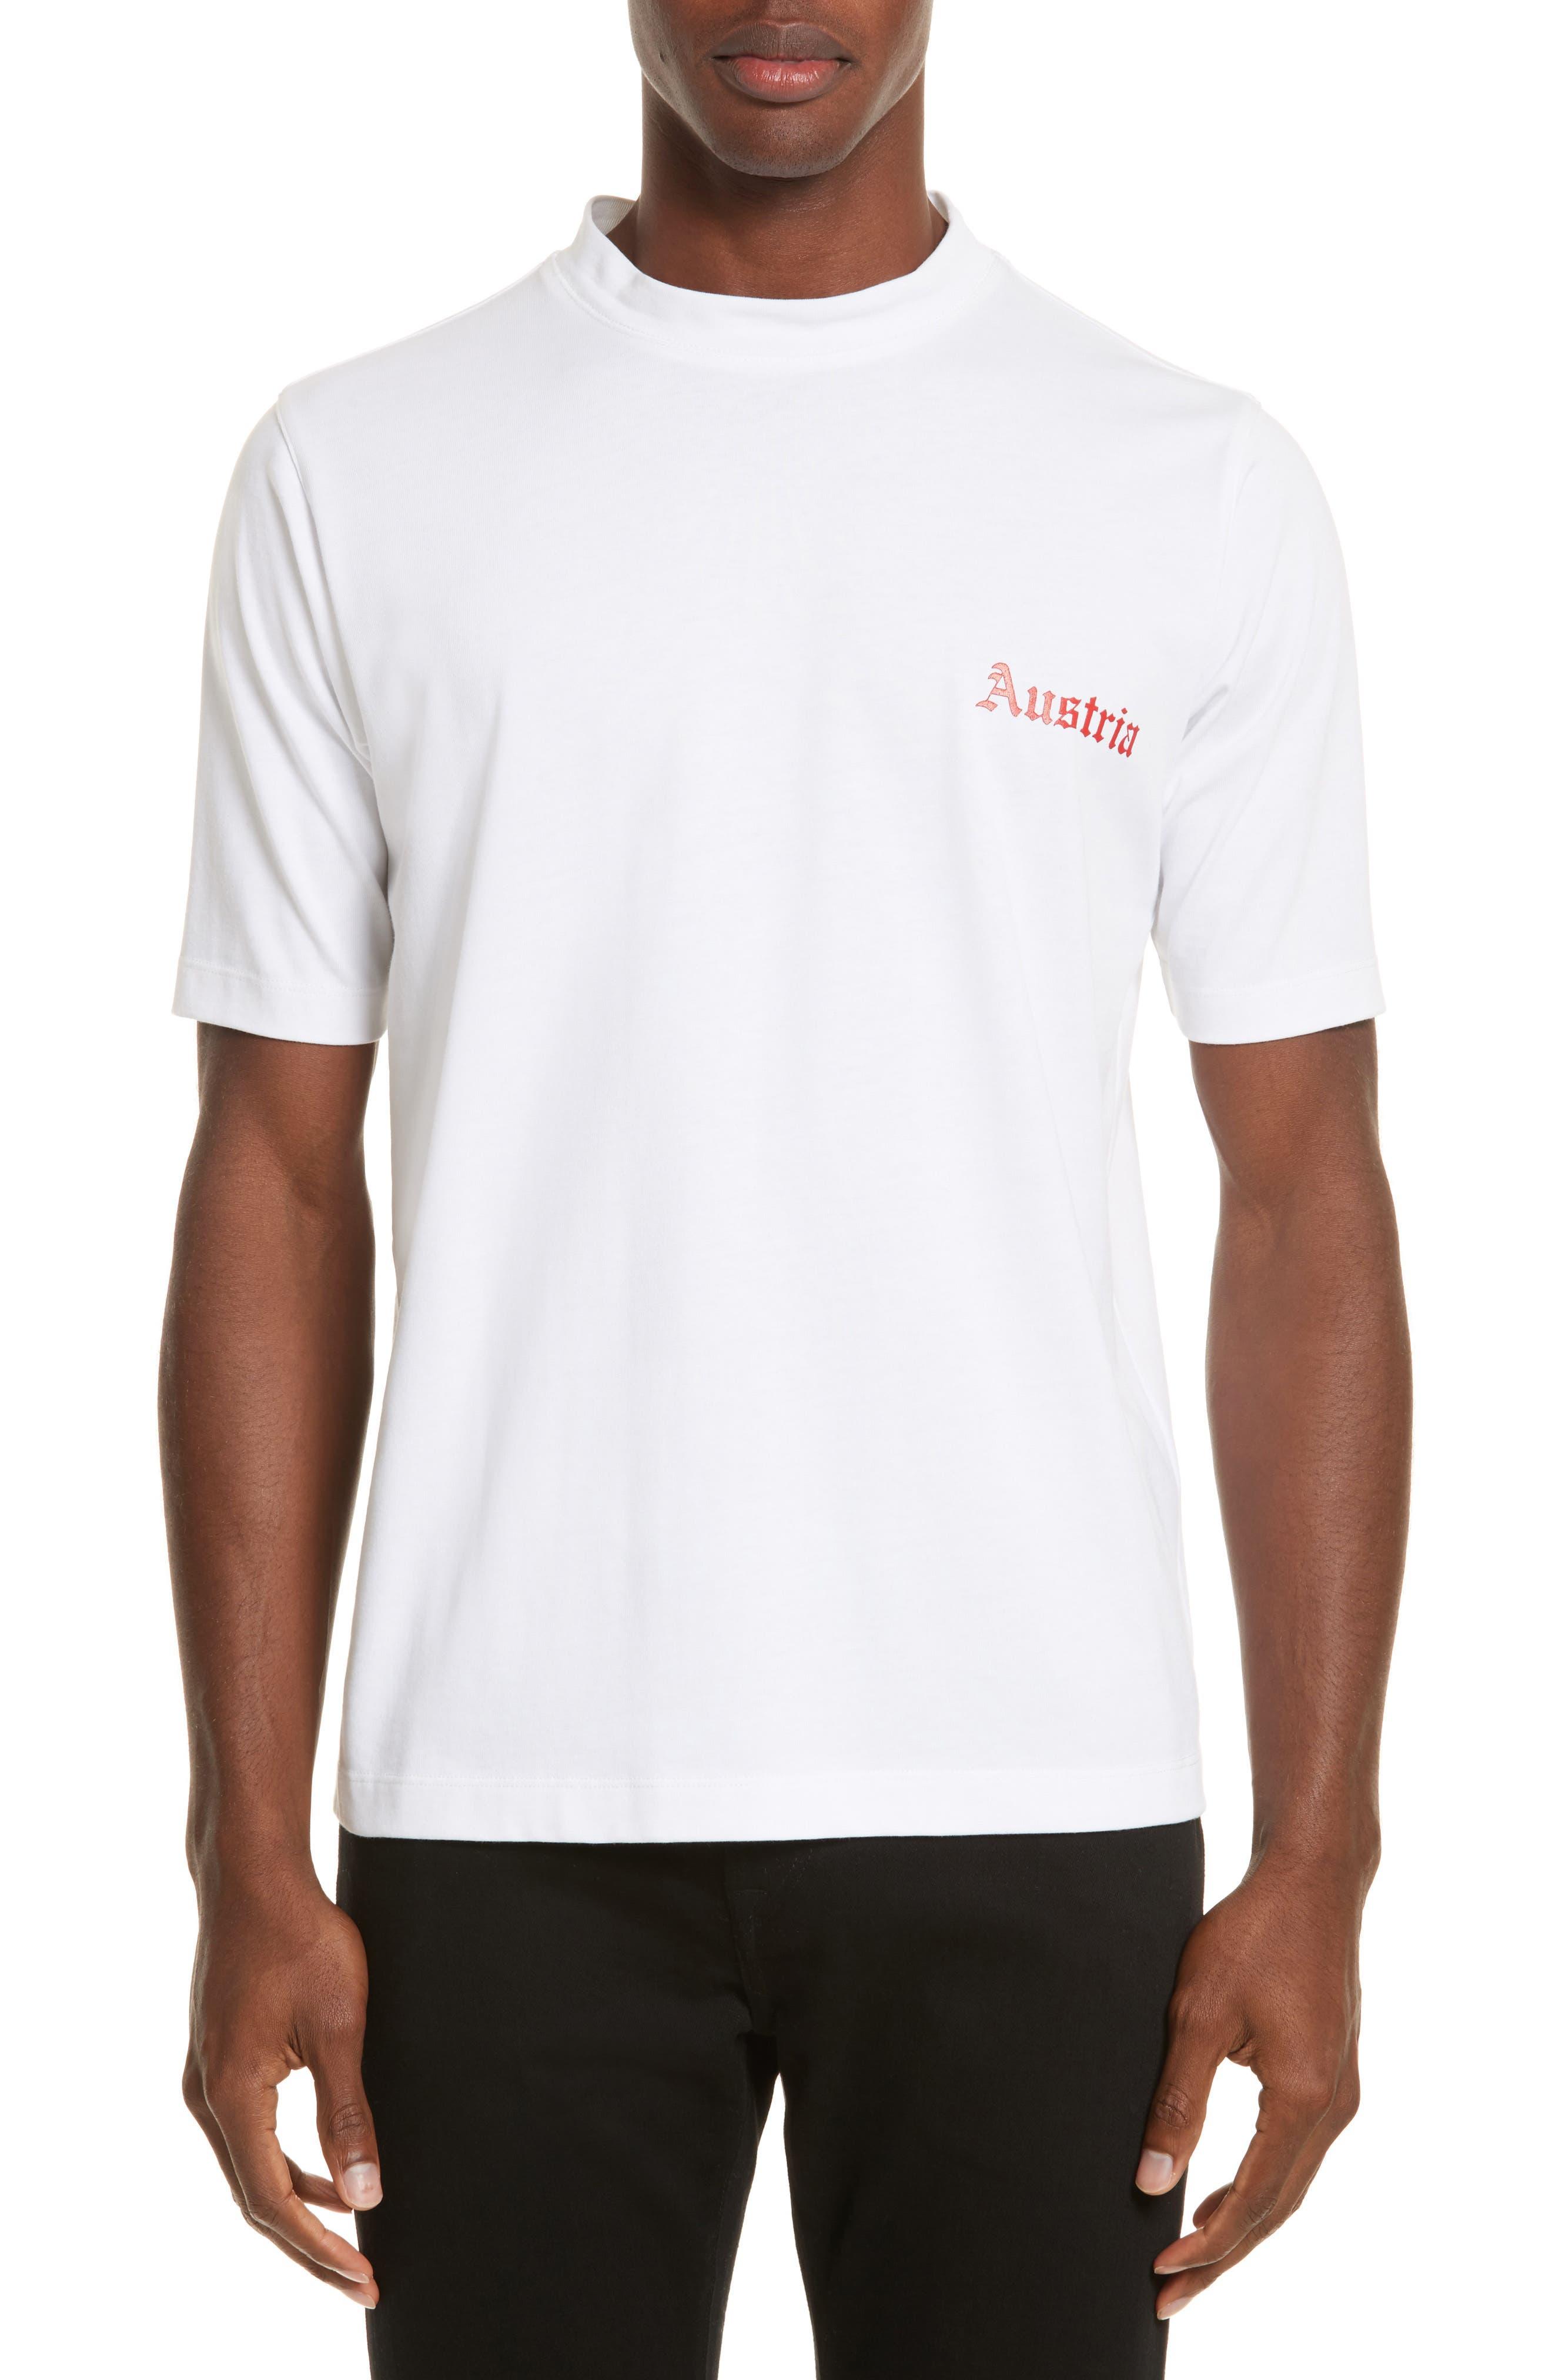 Helmut Lang Austria Tall T-Shirt